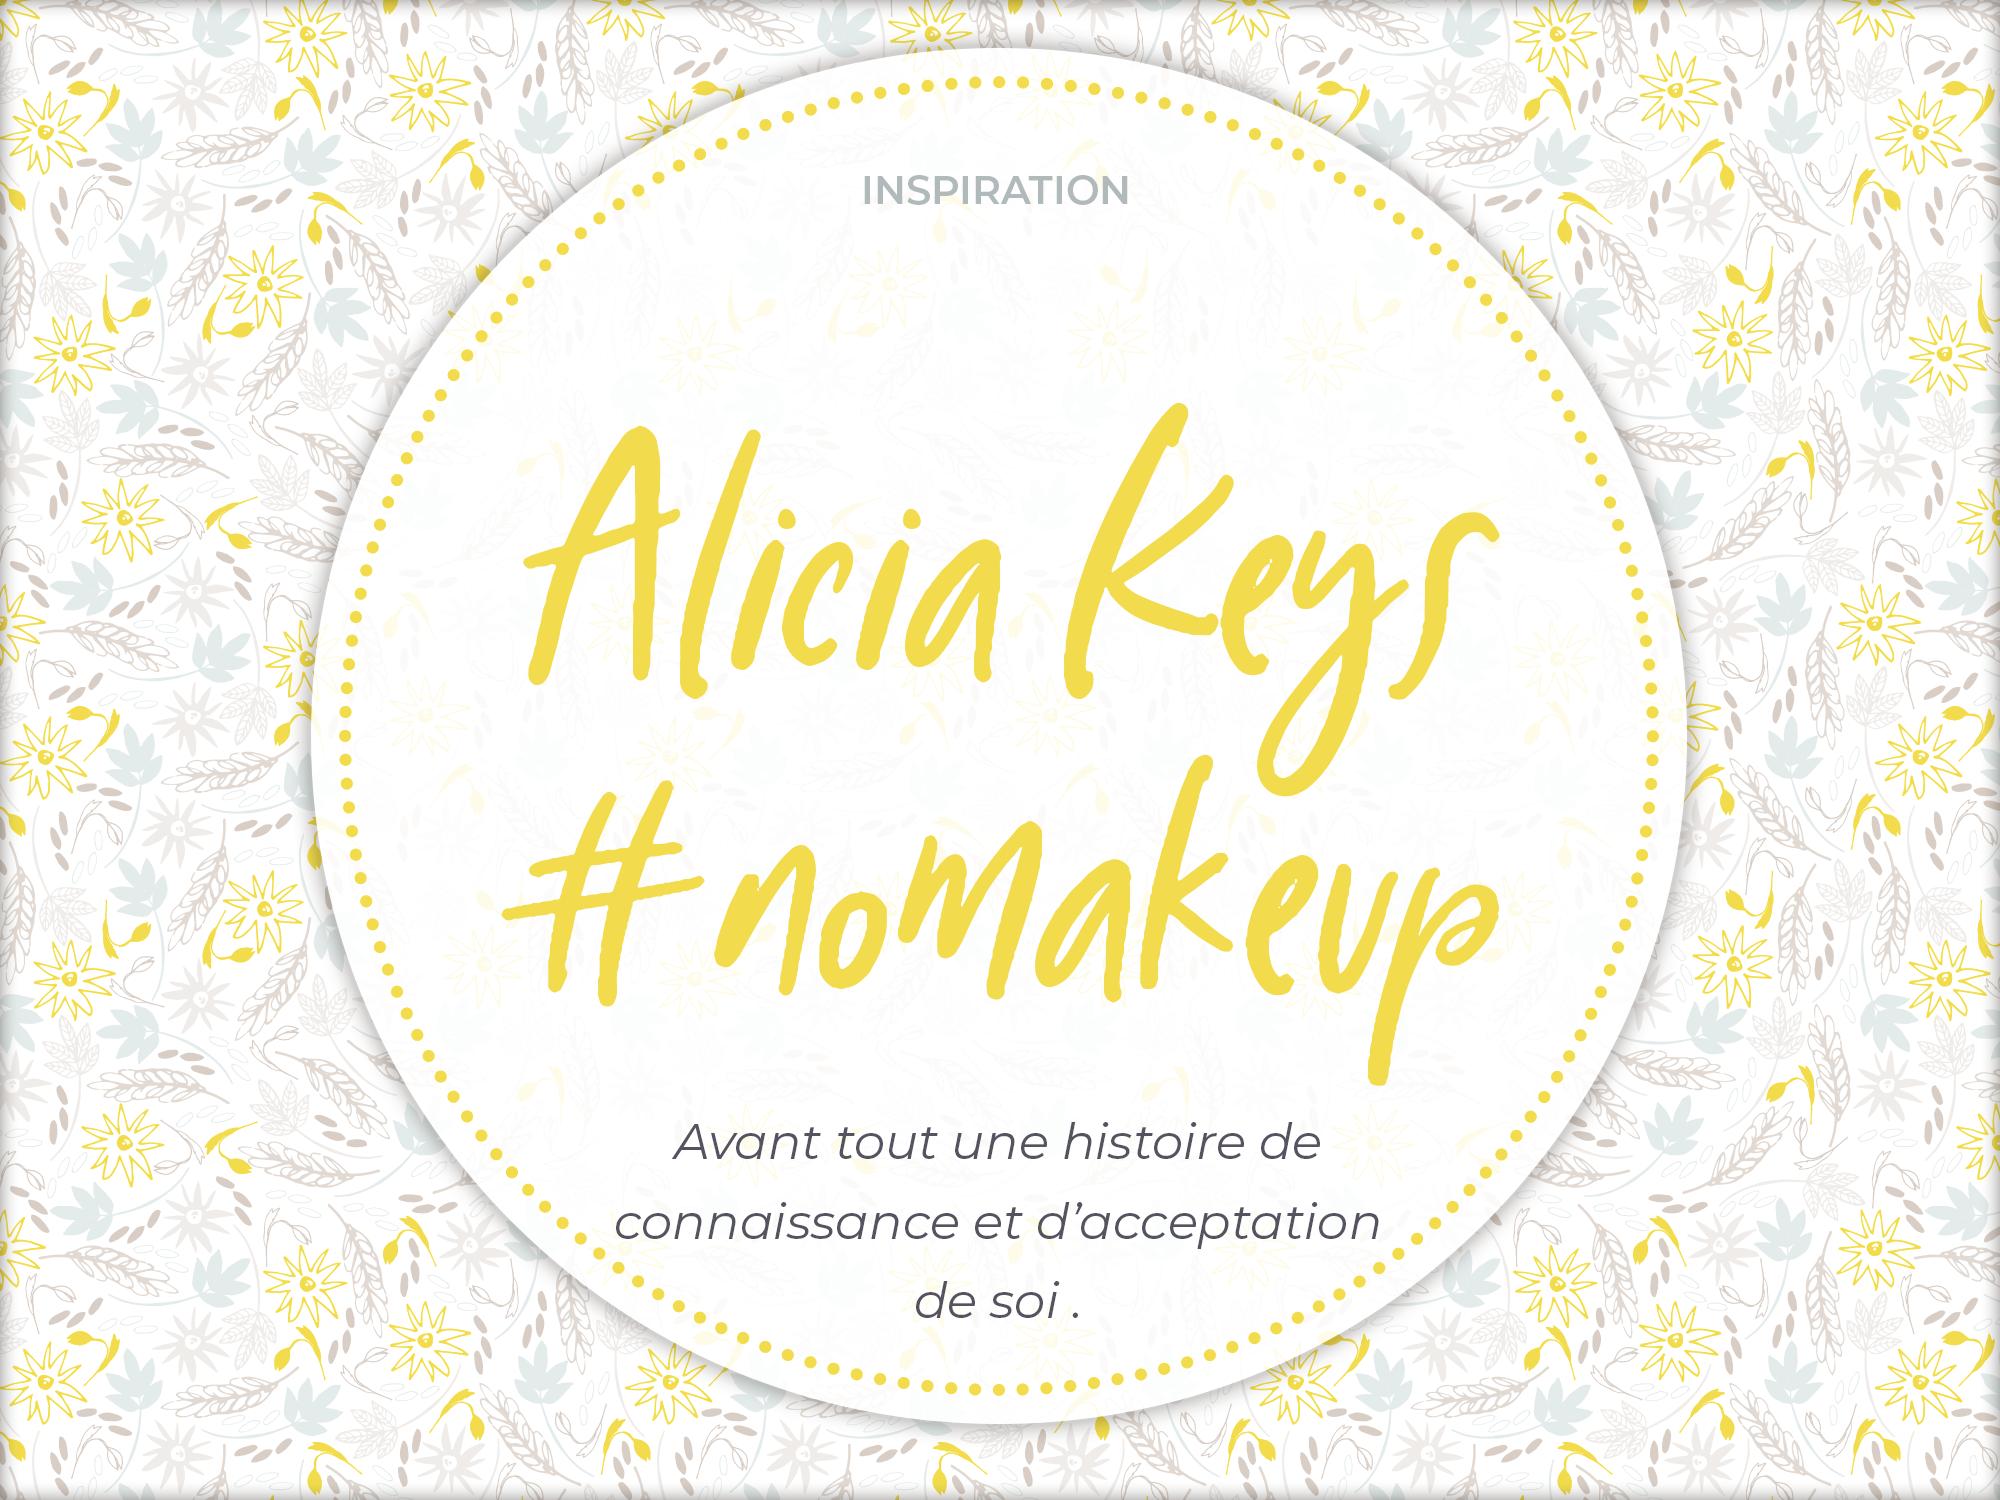 L'histoire inspirante d'Alicia Keys : «no makeup» et expression de soi